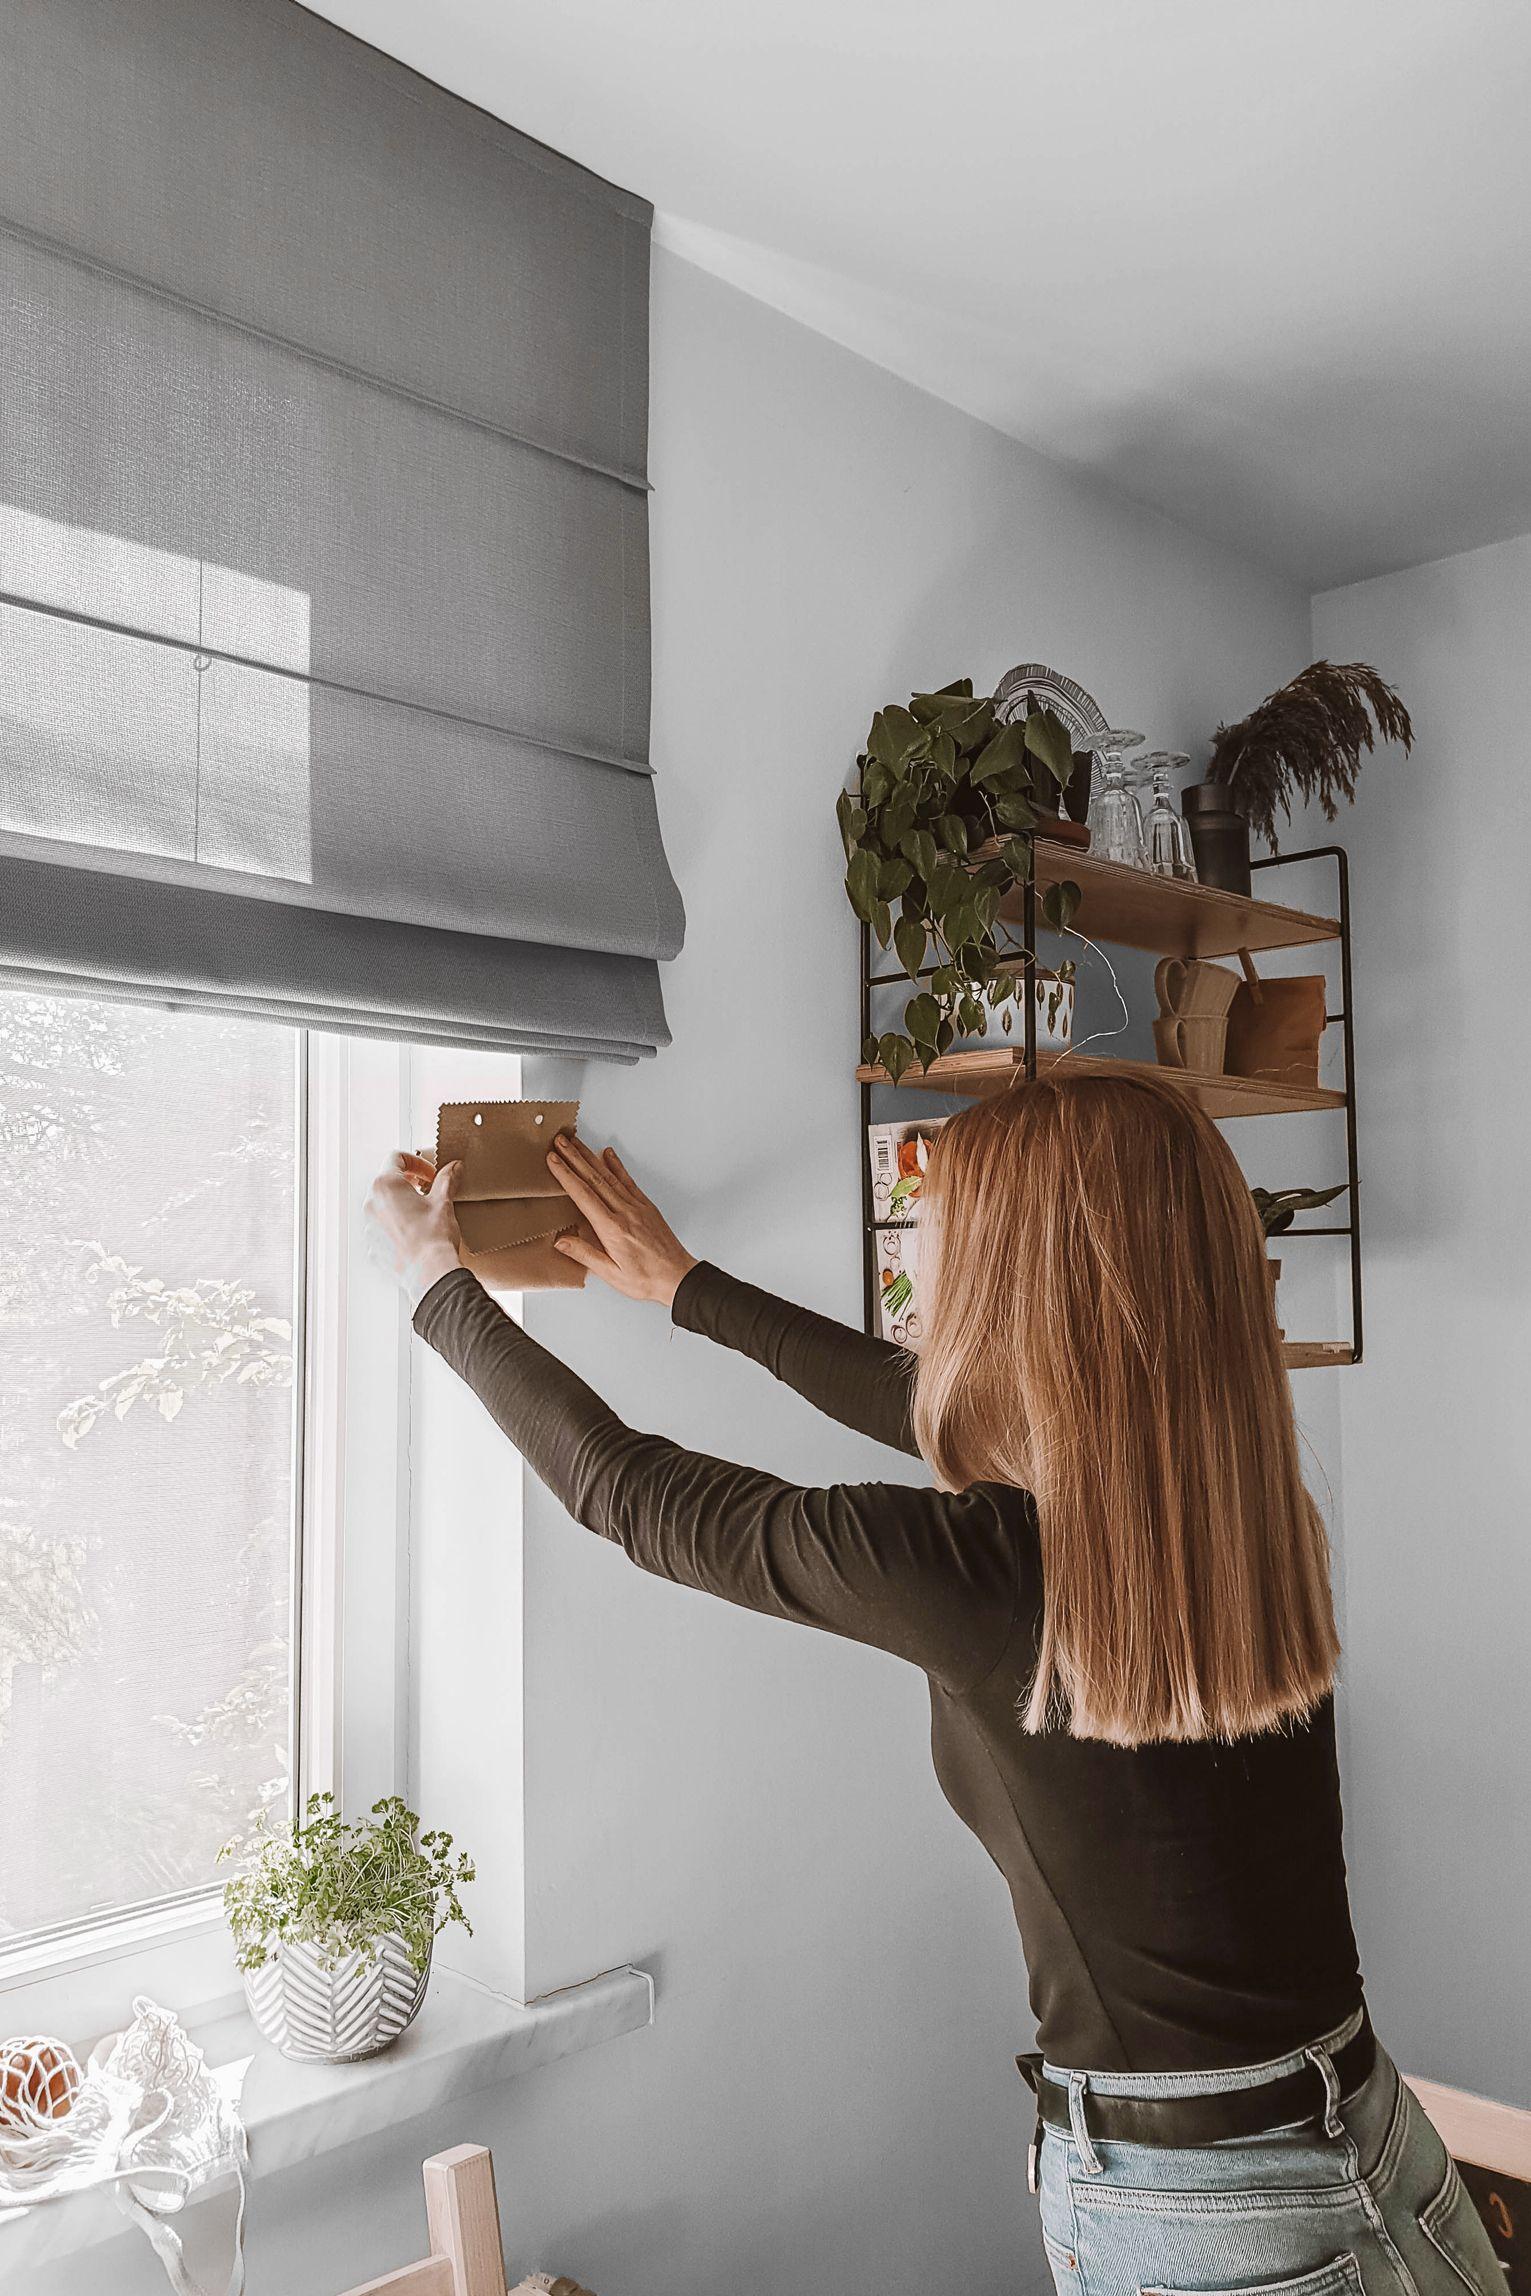 Jak Dobrac Kolor Rolet Zaluzji Plis Czy Zaslon W Pomieszczeniu Home New Homes Home Decor